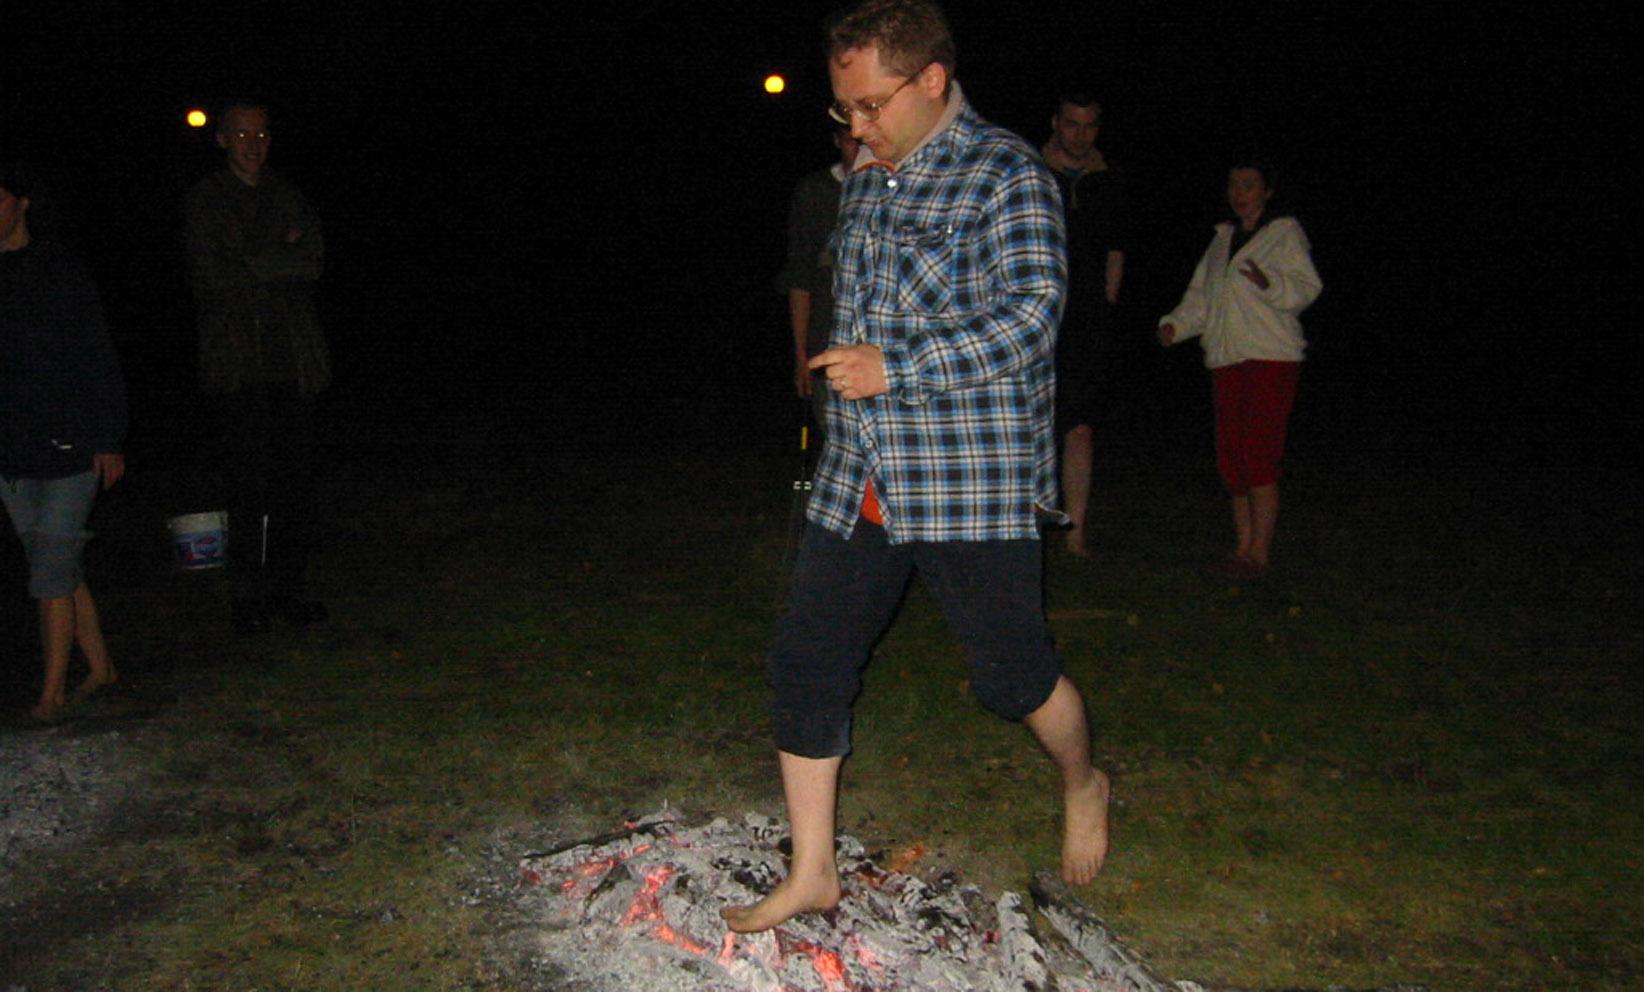 Warsztaty - zajęcia dodatkowe - chodzenie po ogniu